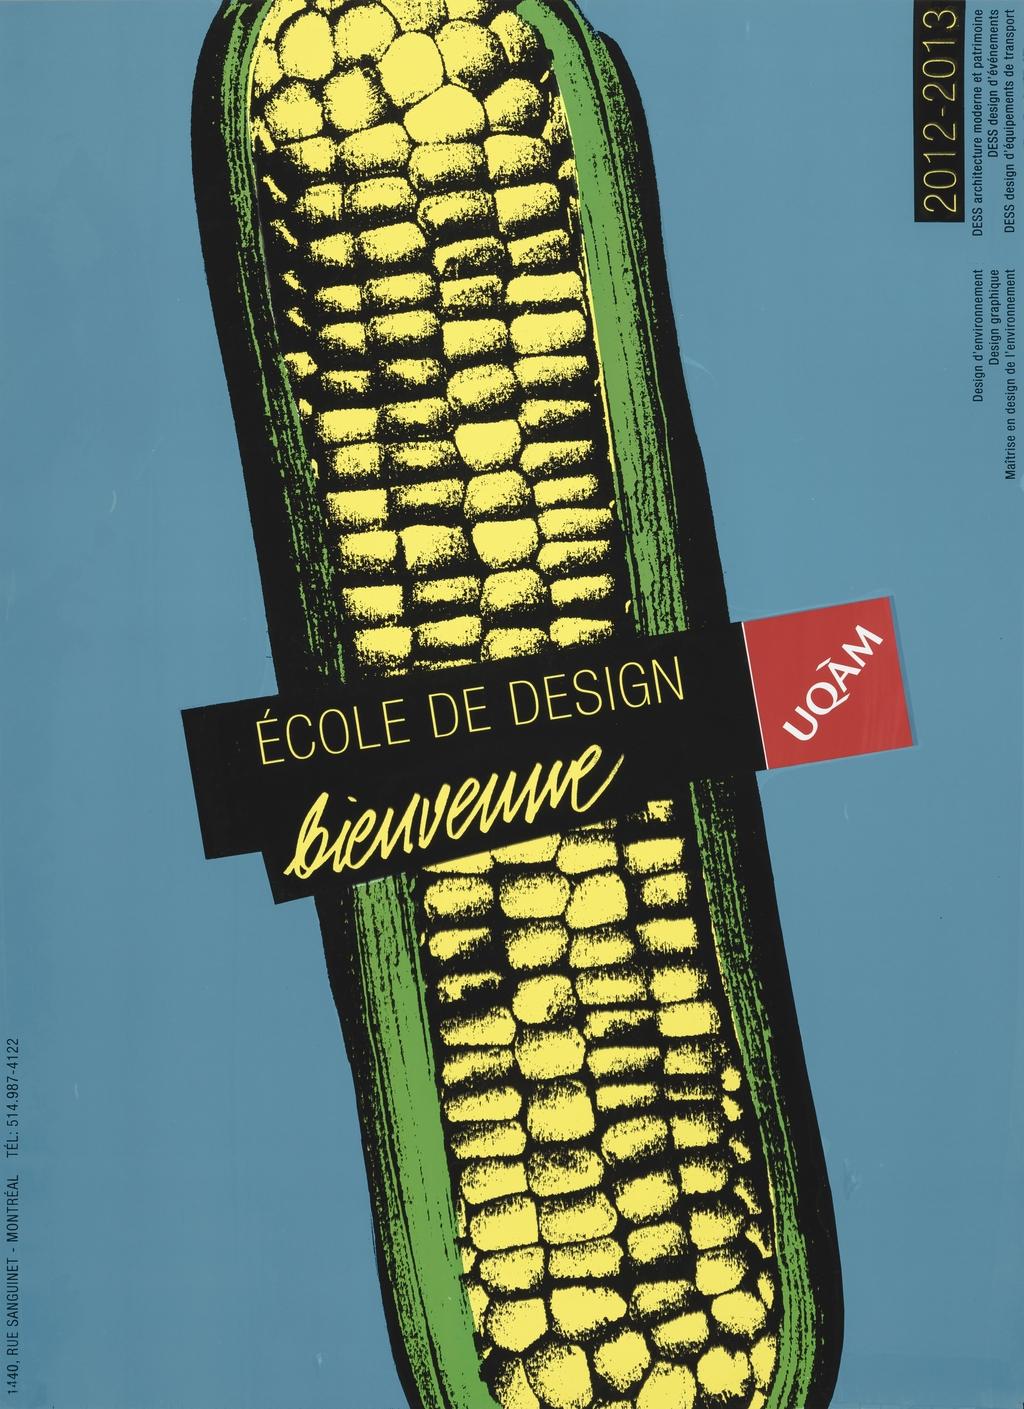 Bienvenue. École de design 2012-2013